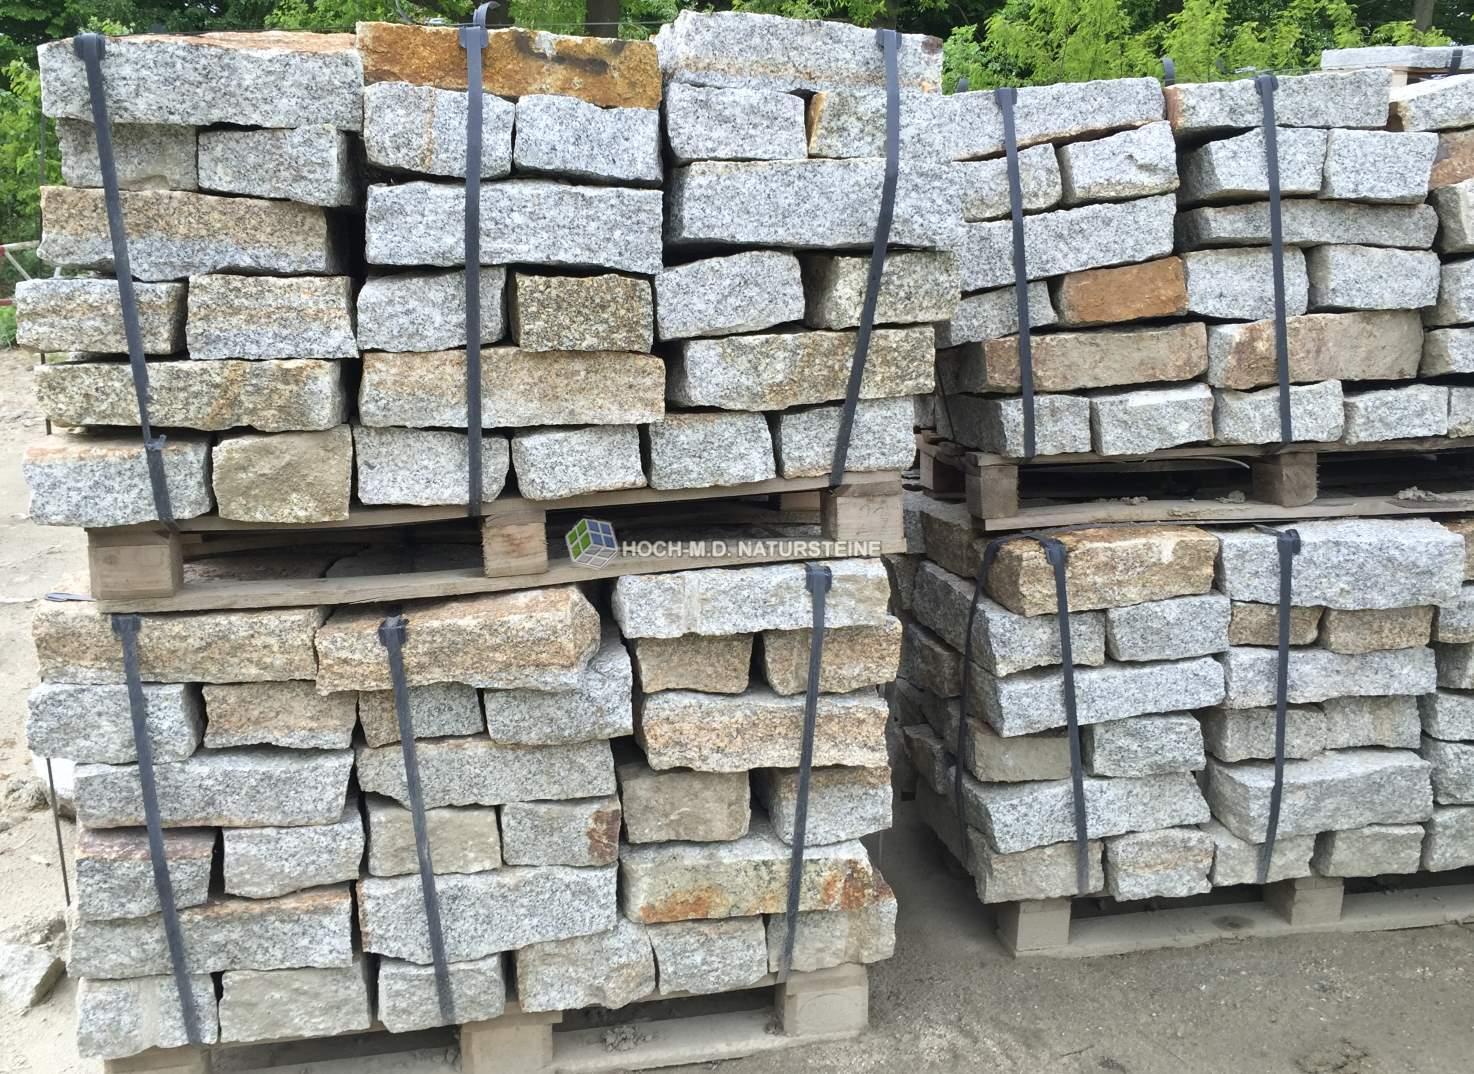 Granit Mauersteine 15*20*40 Grau Gehwegplatten & Steine Terrassen- & Gehwegmaterialien